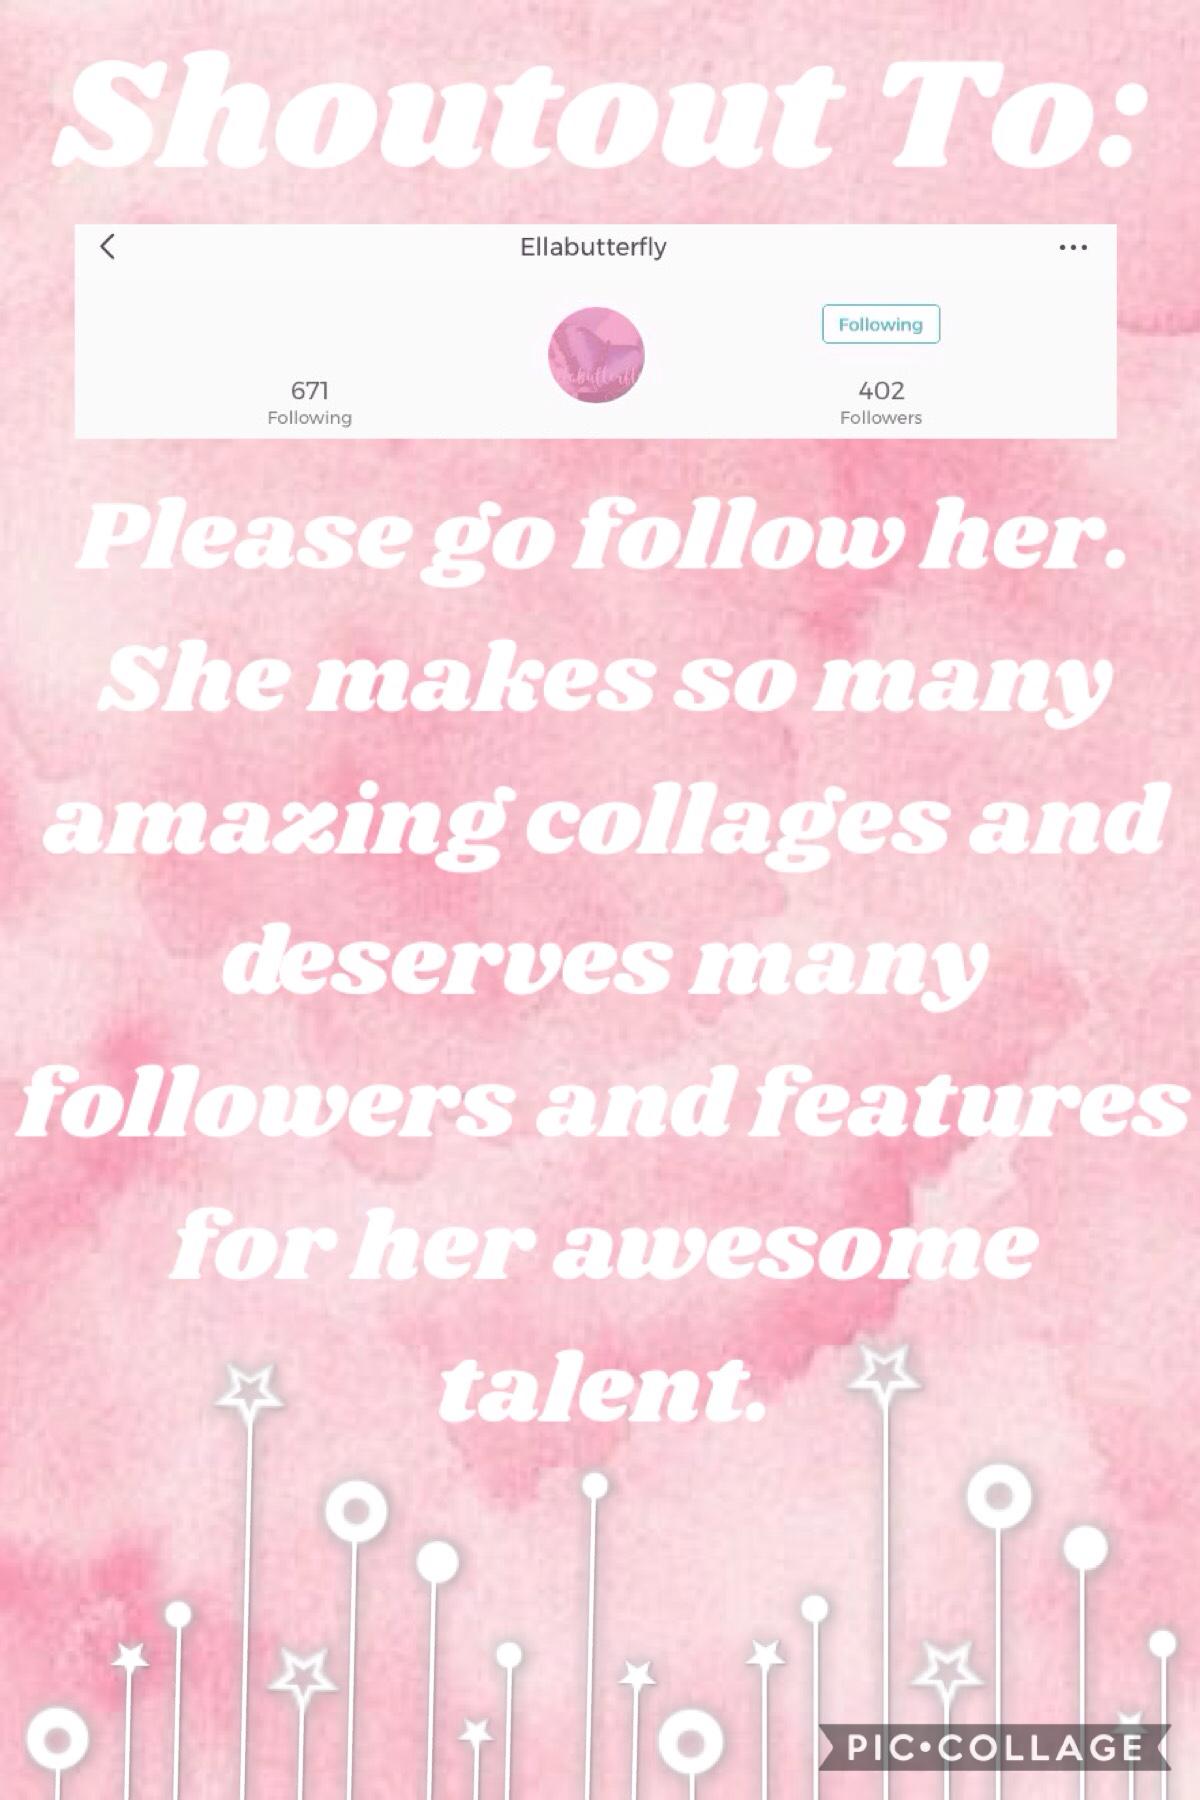 Yay!! Go follow her.